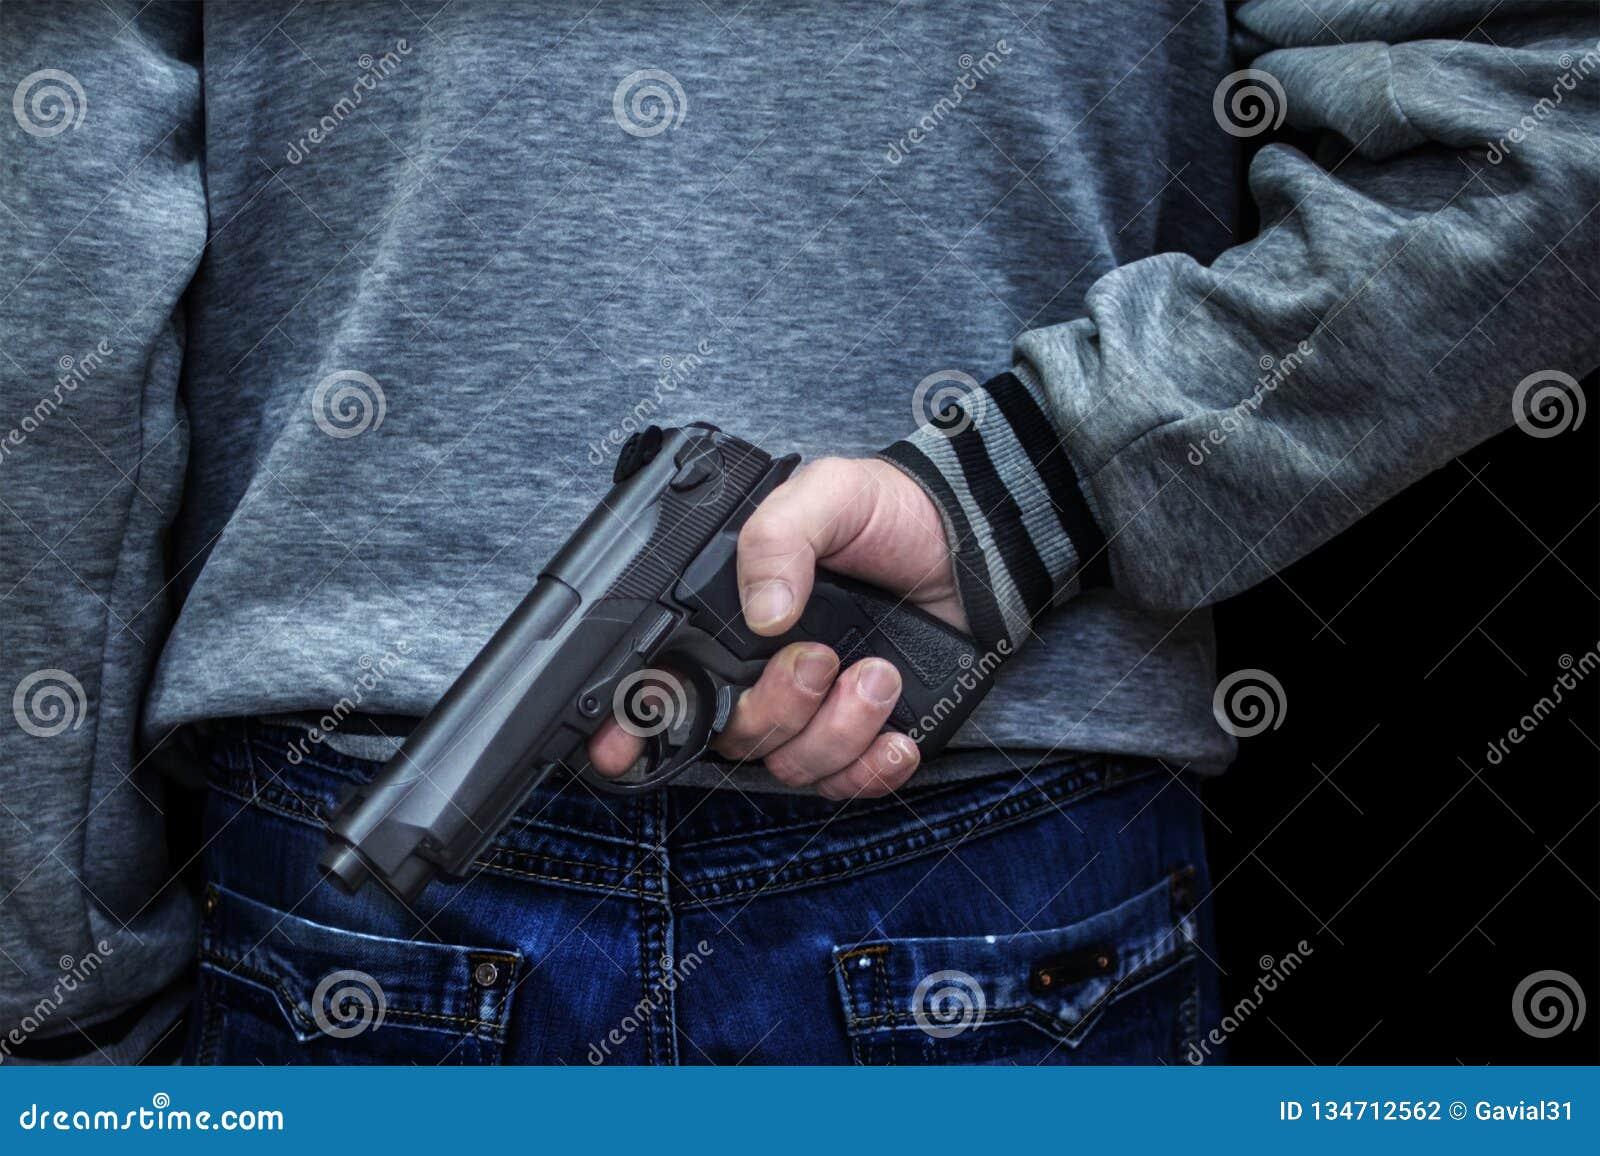 Άτομο που κρατά ένα πυροβόλο όπλο πίσω από την πλάτη του σε ένα μαύρο κλίμα έννοια του κινδύνου, έγκλημα